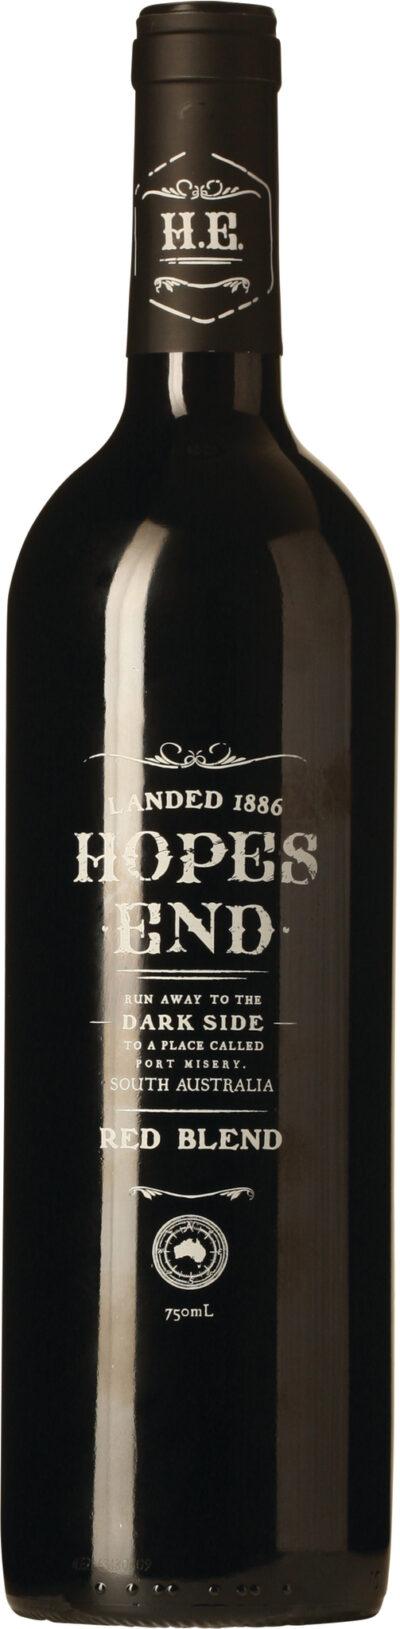 Hops End Red Blend